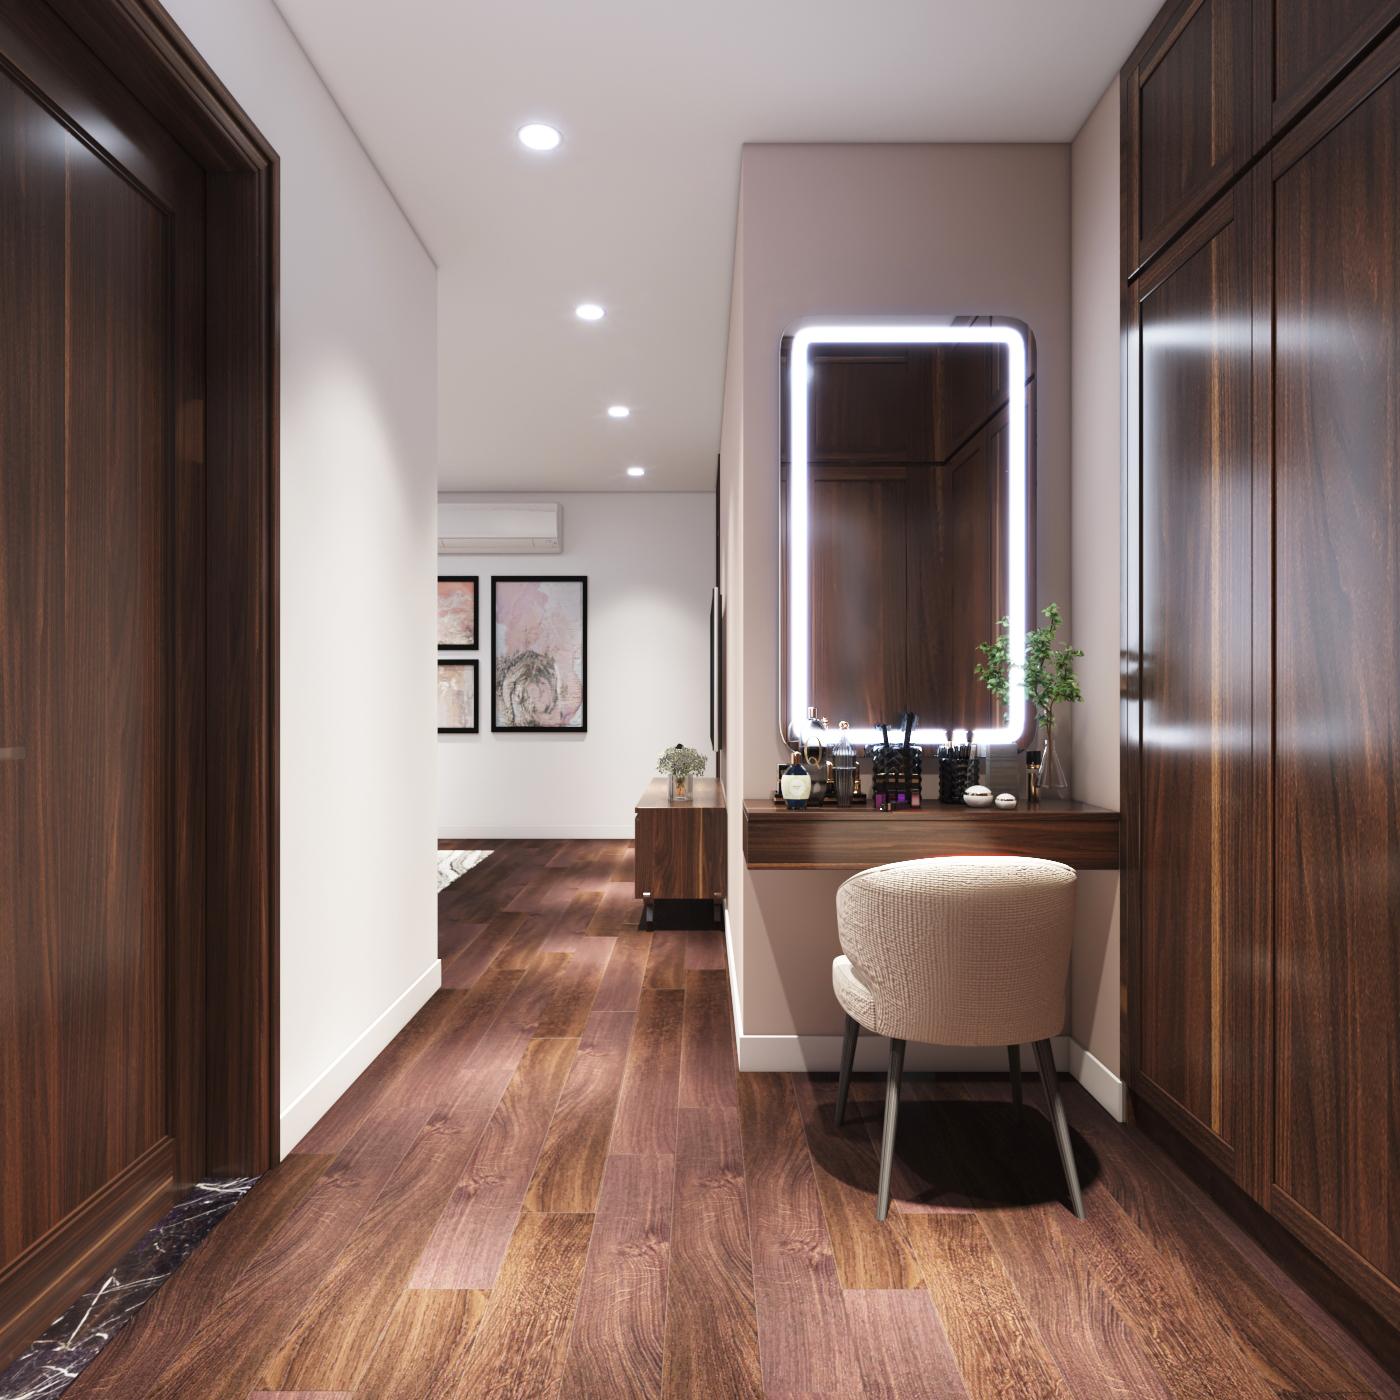 Thiết kế nội thất Chung Cư tại Hà Nội Chung cư New Skyline Văn Quán 1580465736 13